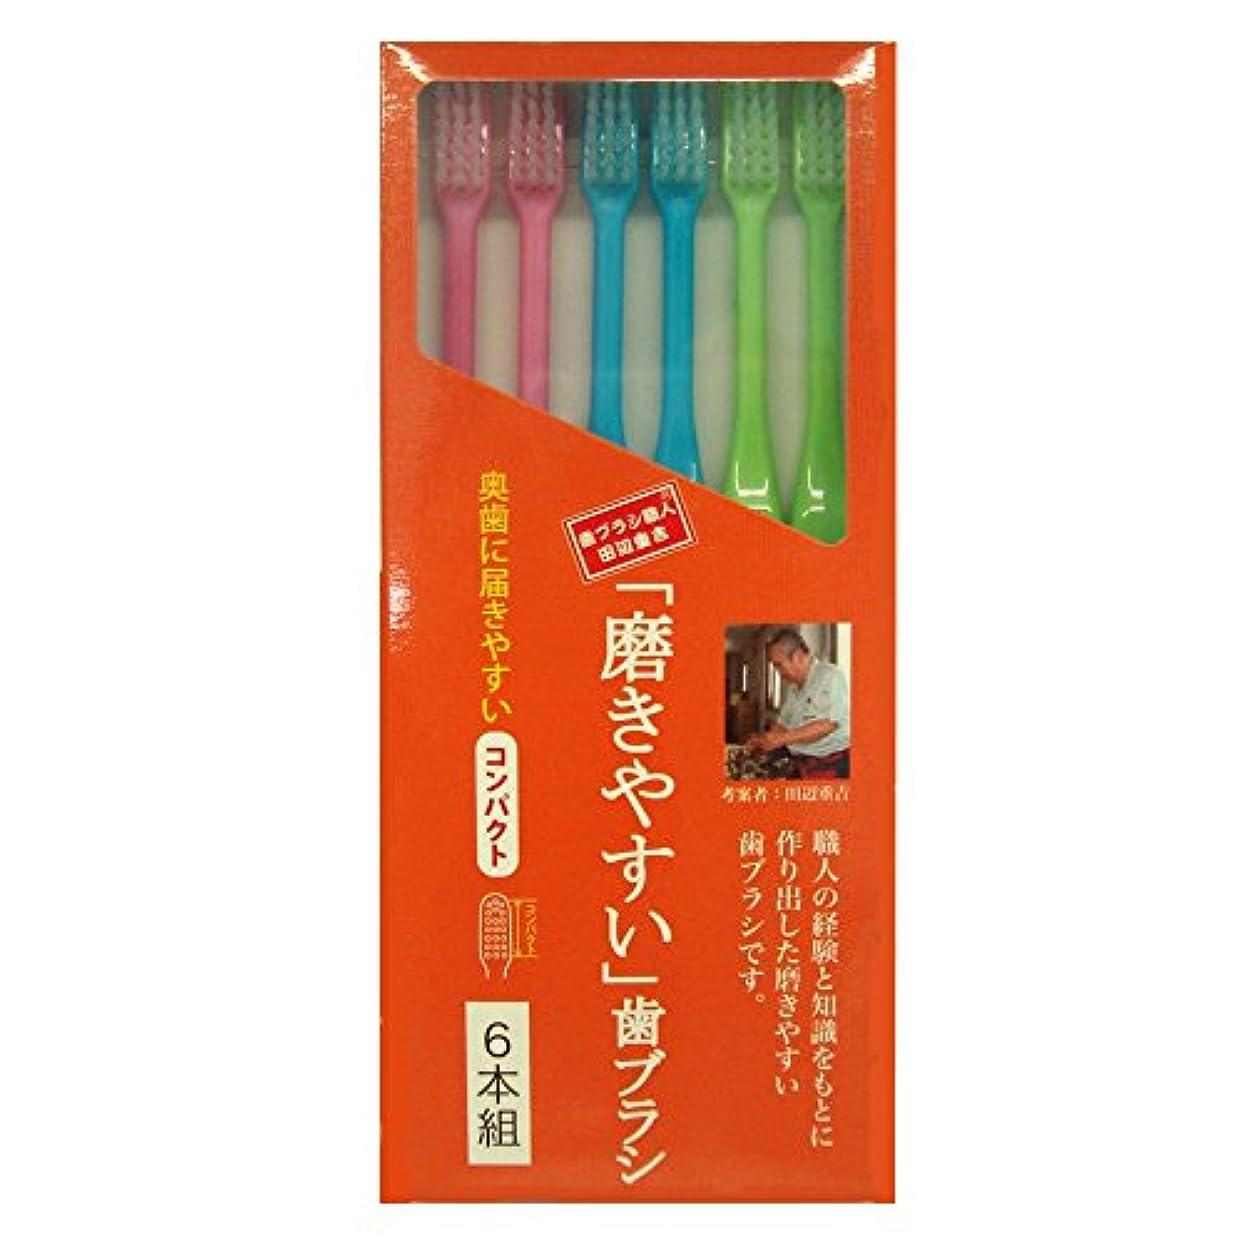 ハイジャックリンクマウンド磨きやすい歯ブラシ 6本組 コンパクトタイプ